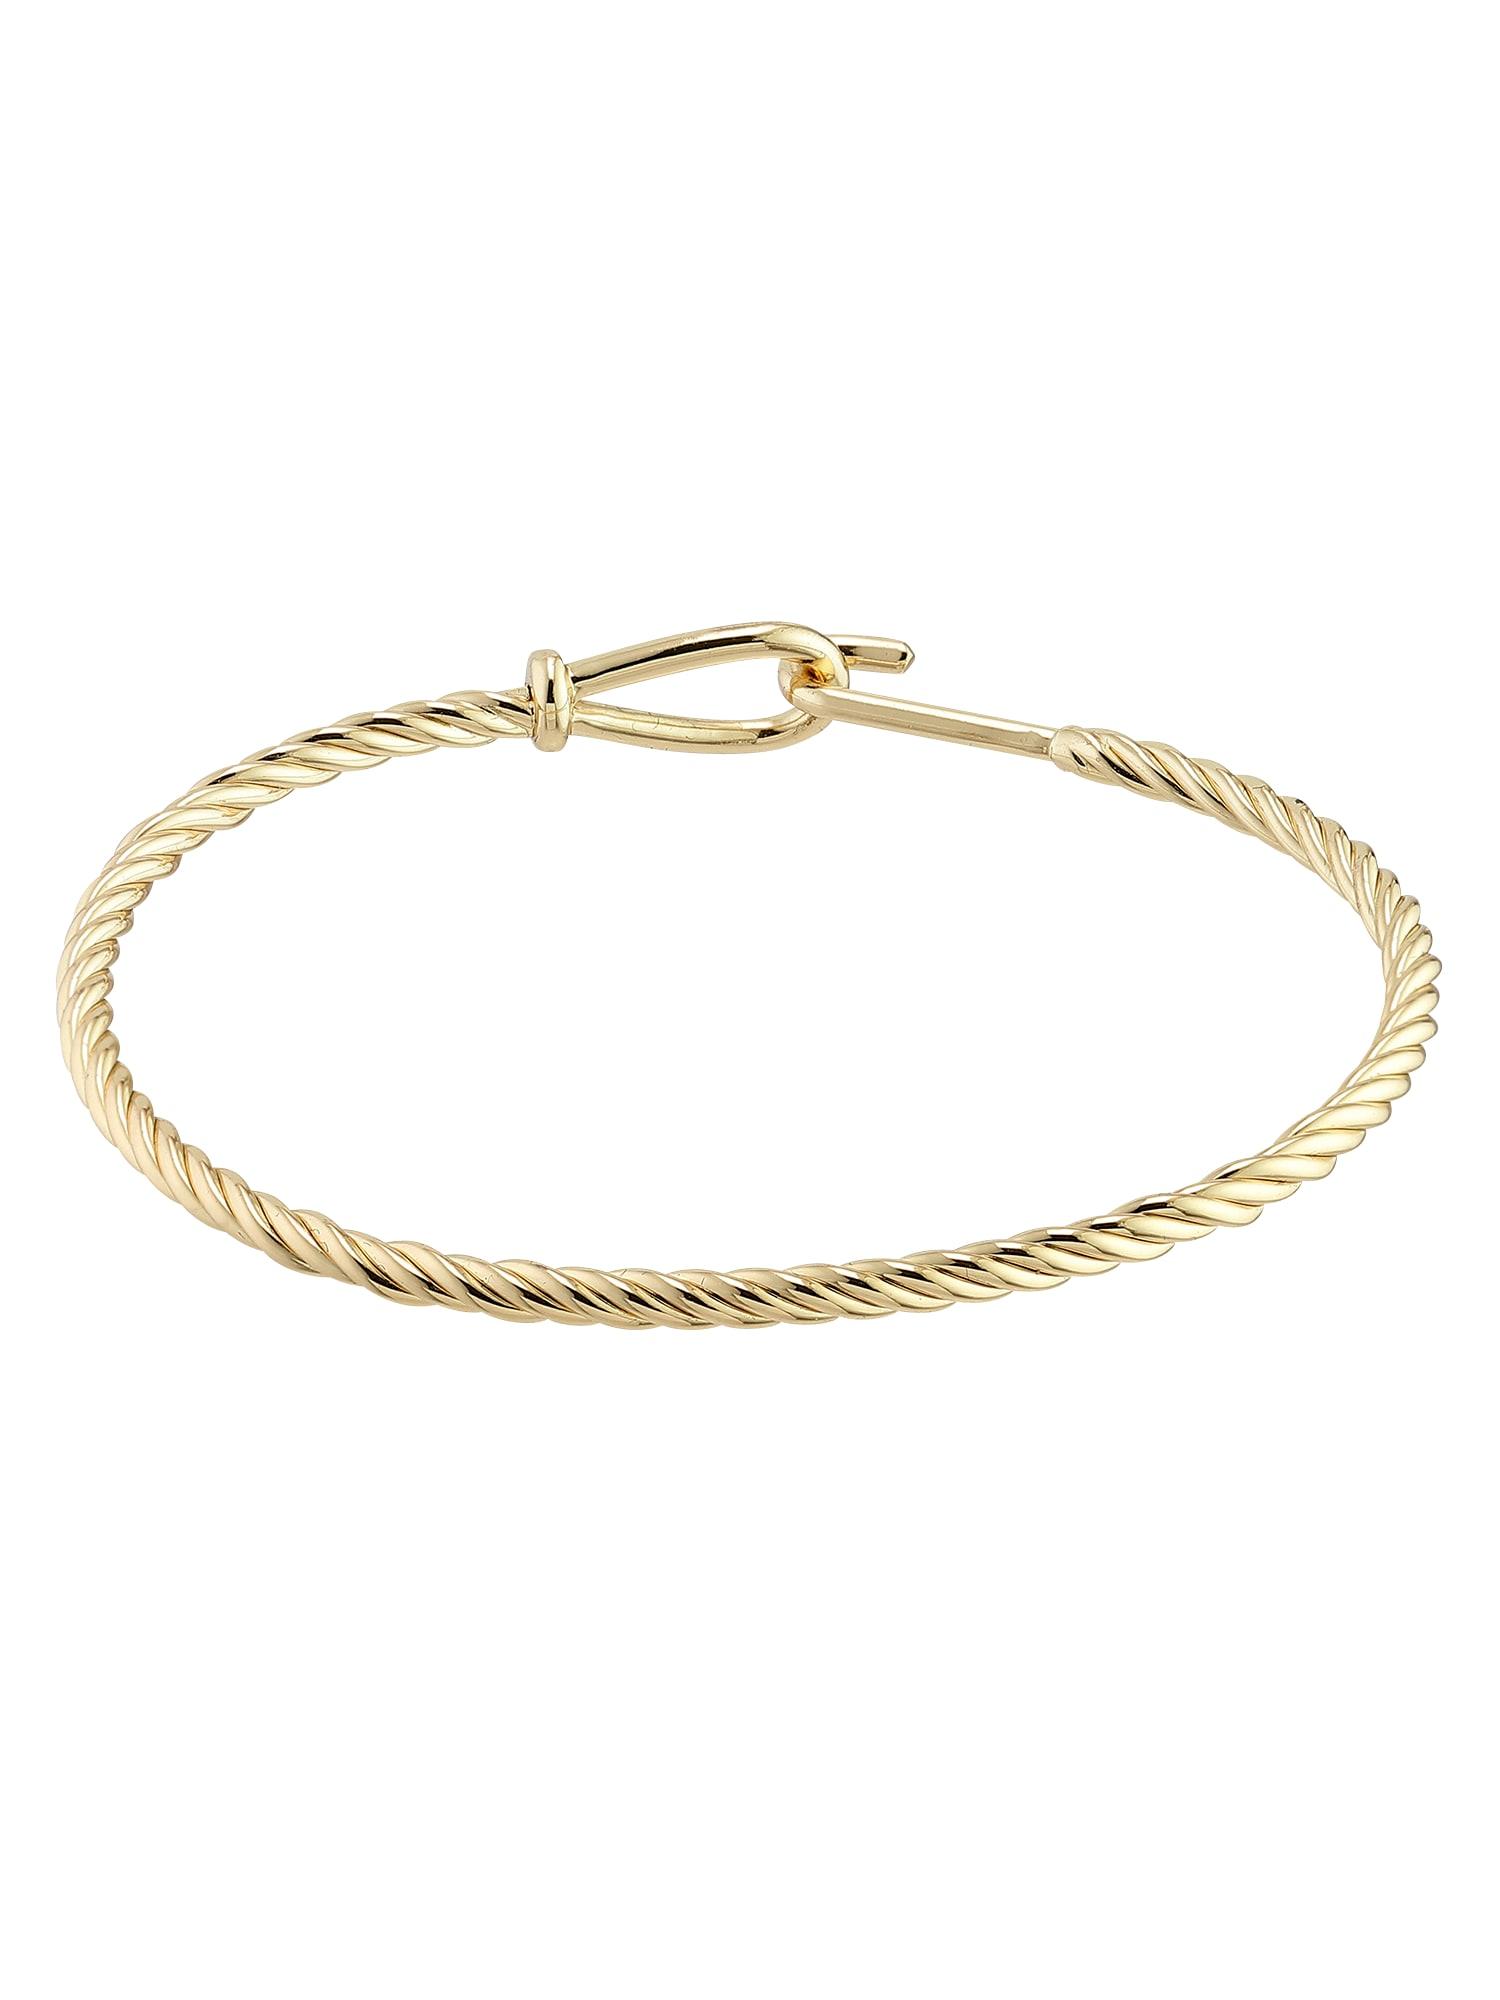 Armband 'Cece' | Schmuck > Armbänder > Sonstige Armbänder | Pilgrim